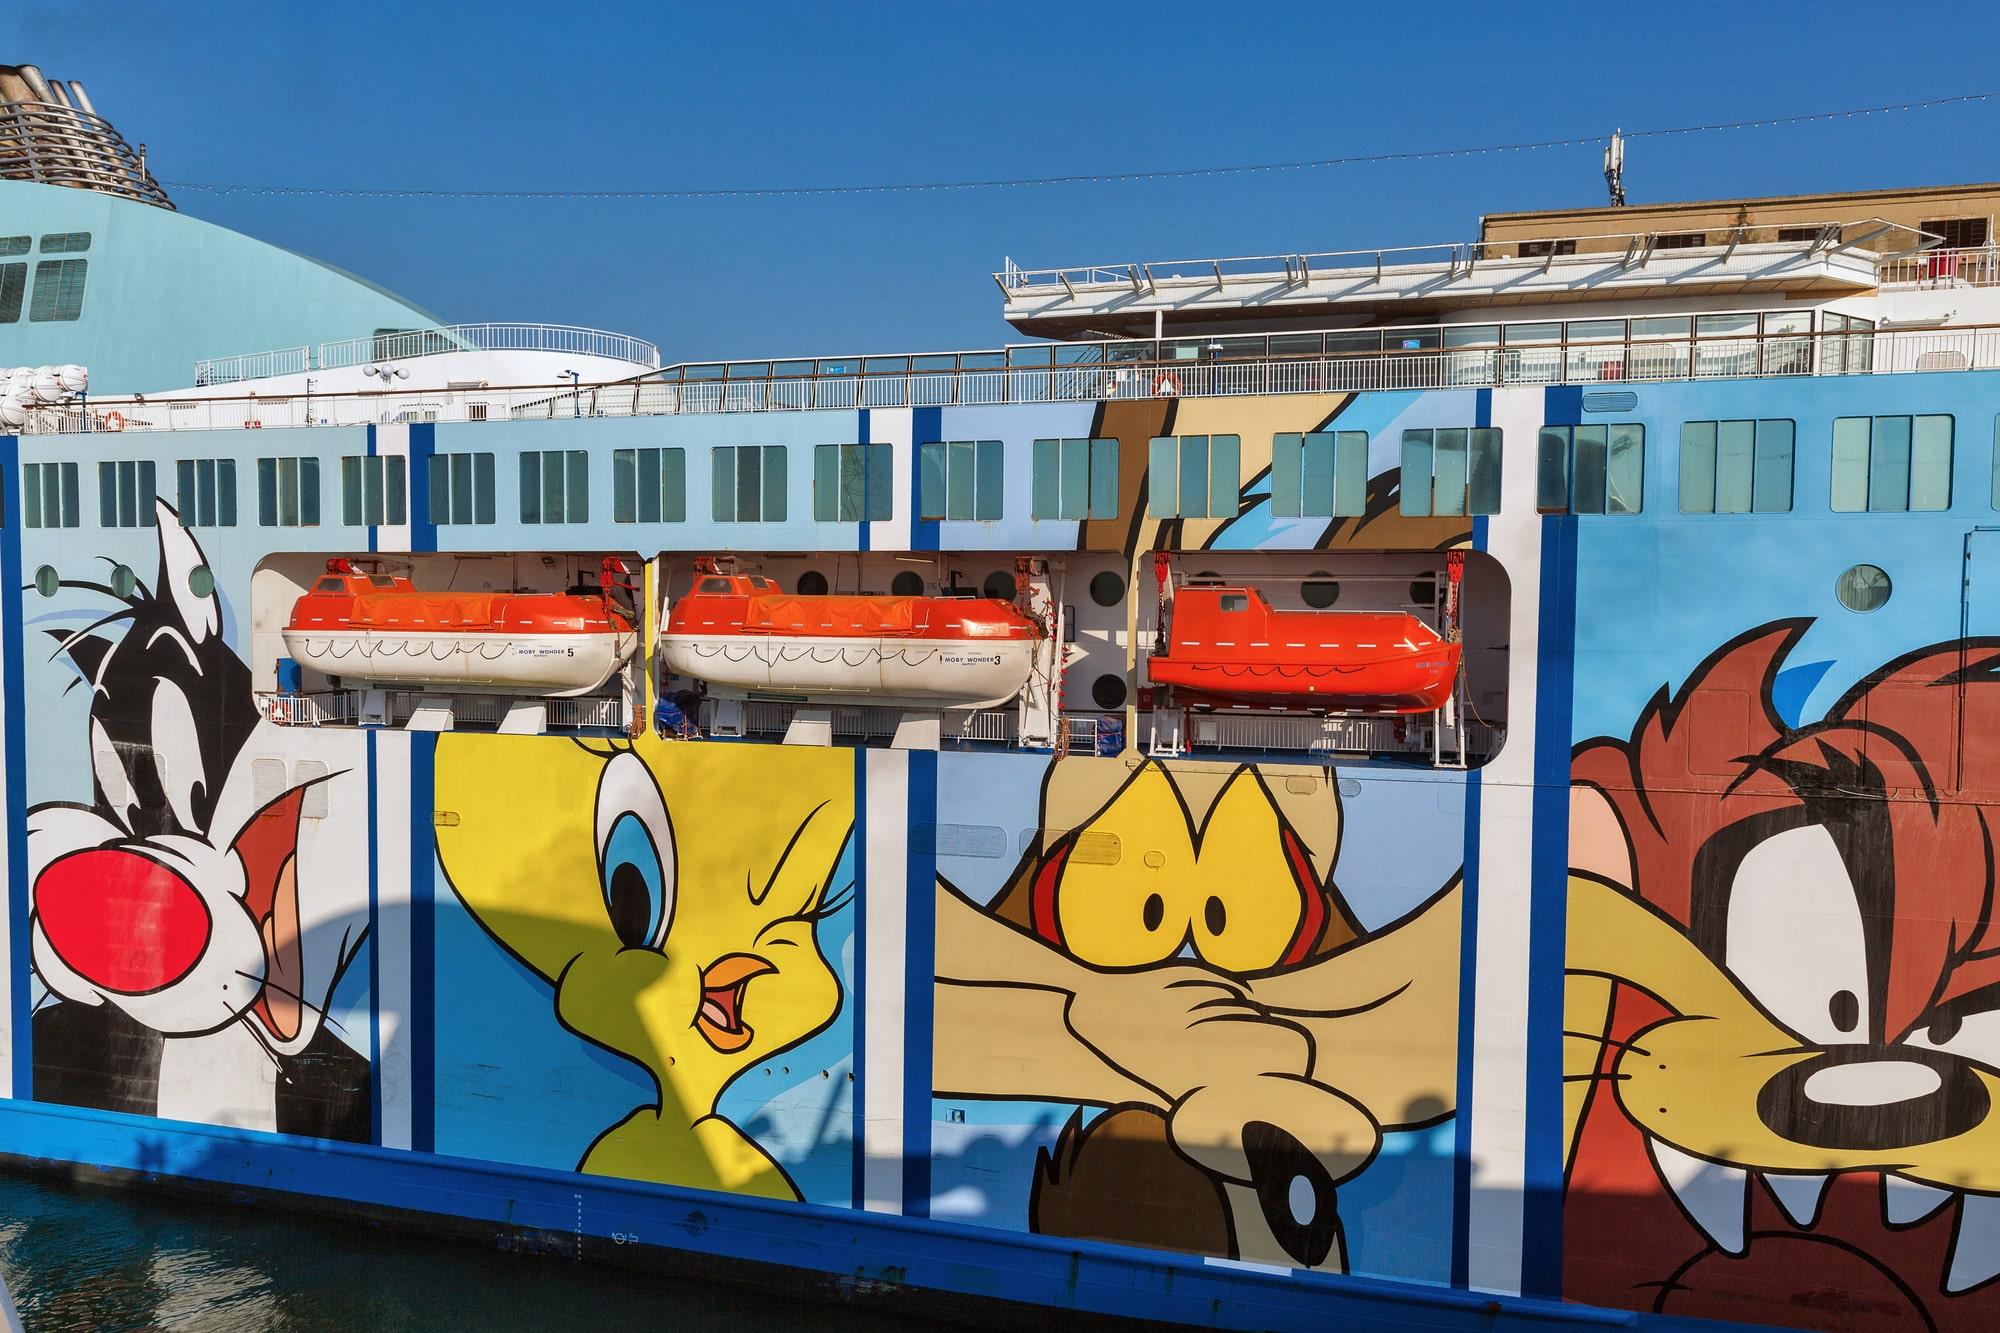 Одного из персонажей Looney Tunes обвинили в пропаганде насилия и исключили из фильма «Космический джем 2»